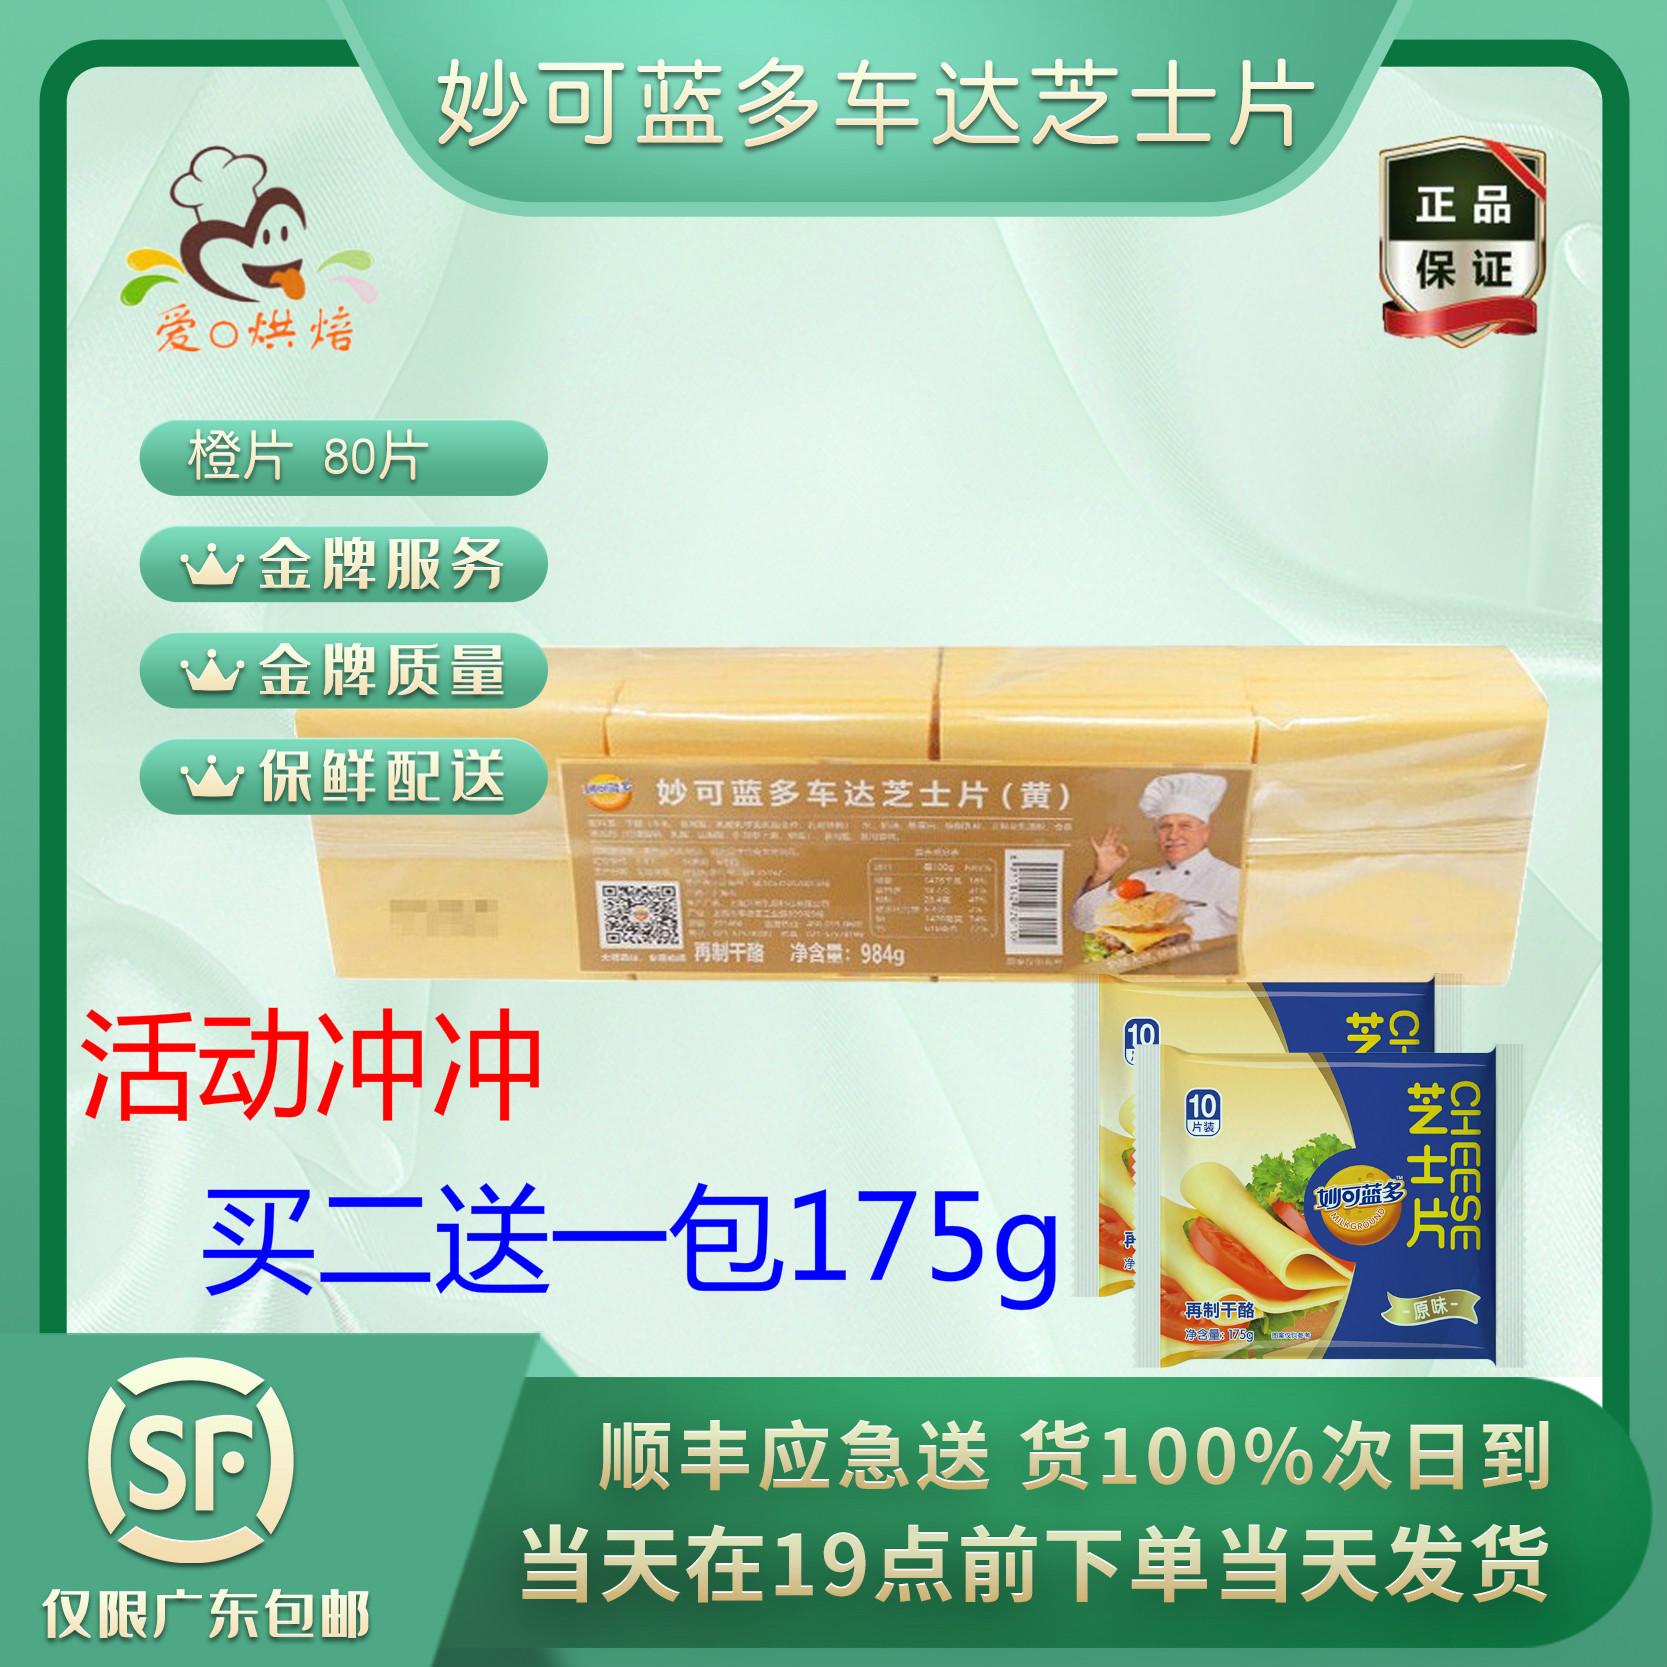 妙可蓝多车达【橙色】芝士片80片984g三明治 手抓饼 早餐汉堡切片49.90元包邮